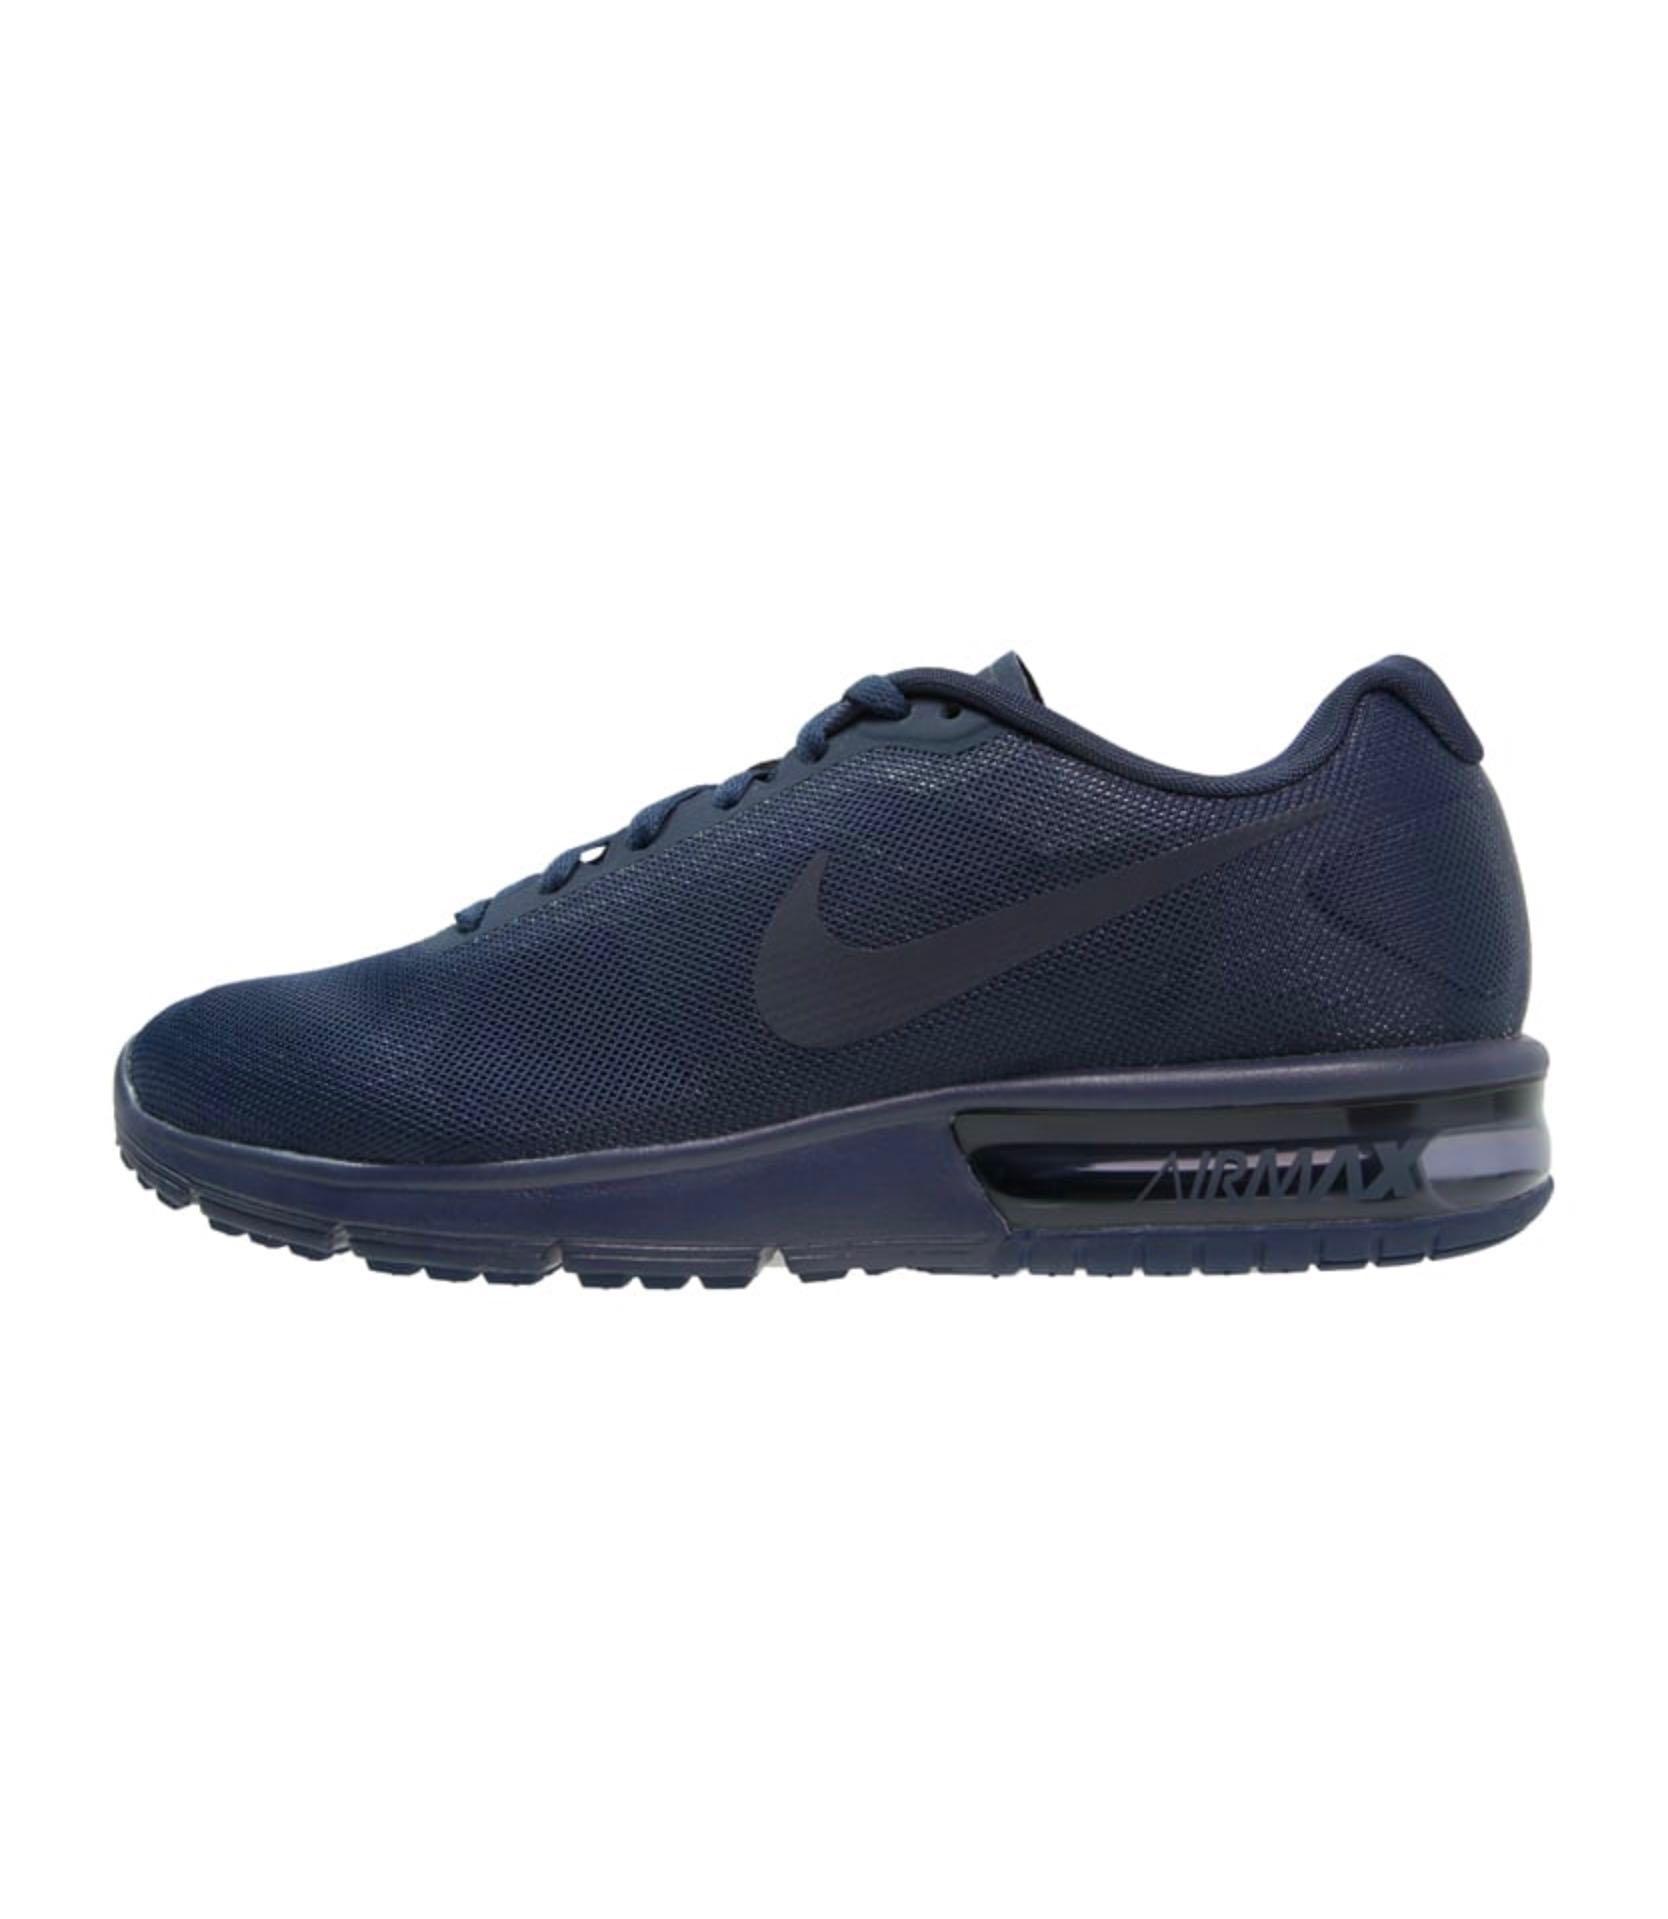 3ab9dd95cae18 STEAL  Nike Air Max Sequent 2 Navy Blue